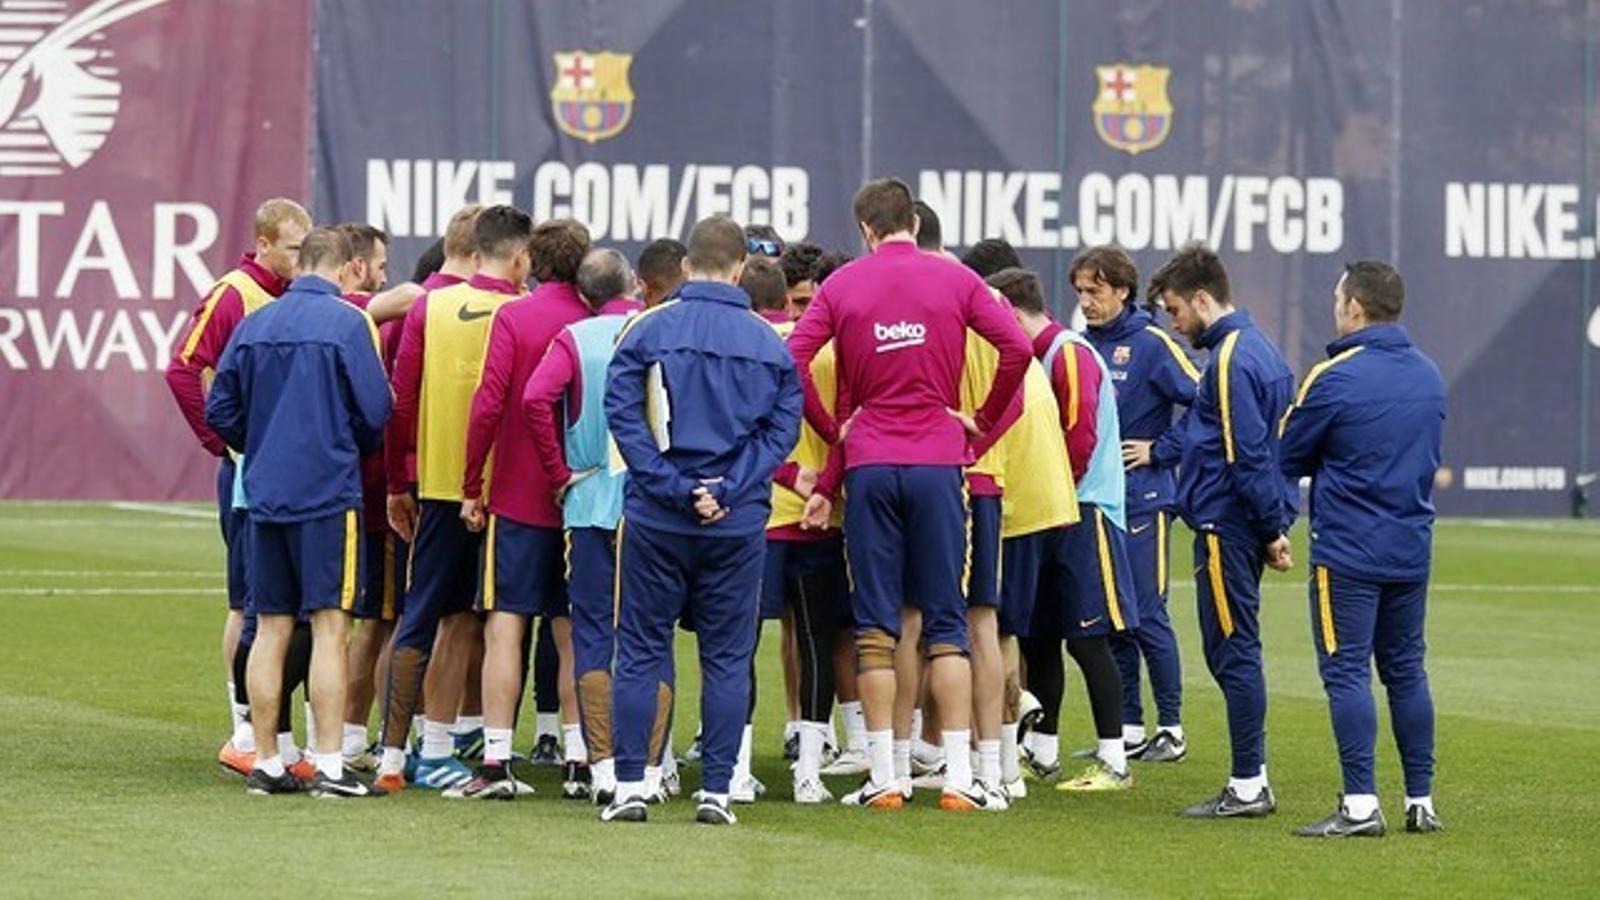 La plantilla del Barça, en l'últim entrenament de divendres previ al partit contra el Betis